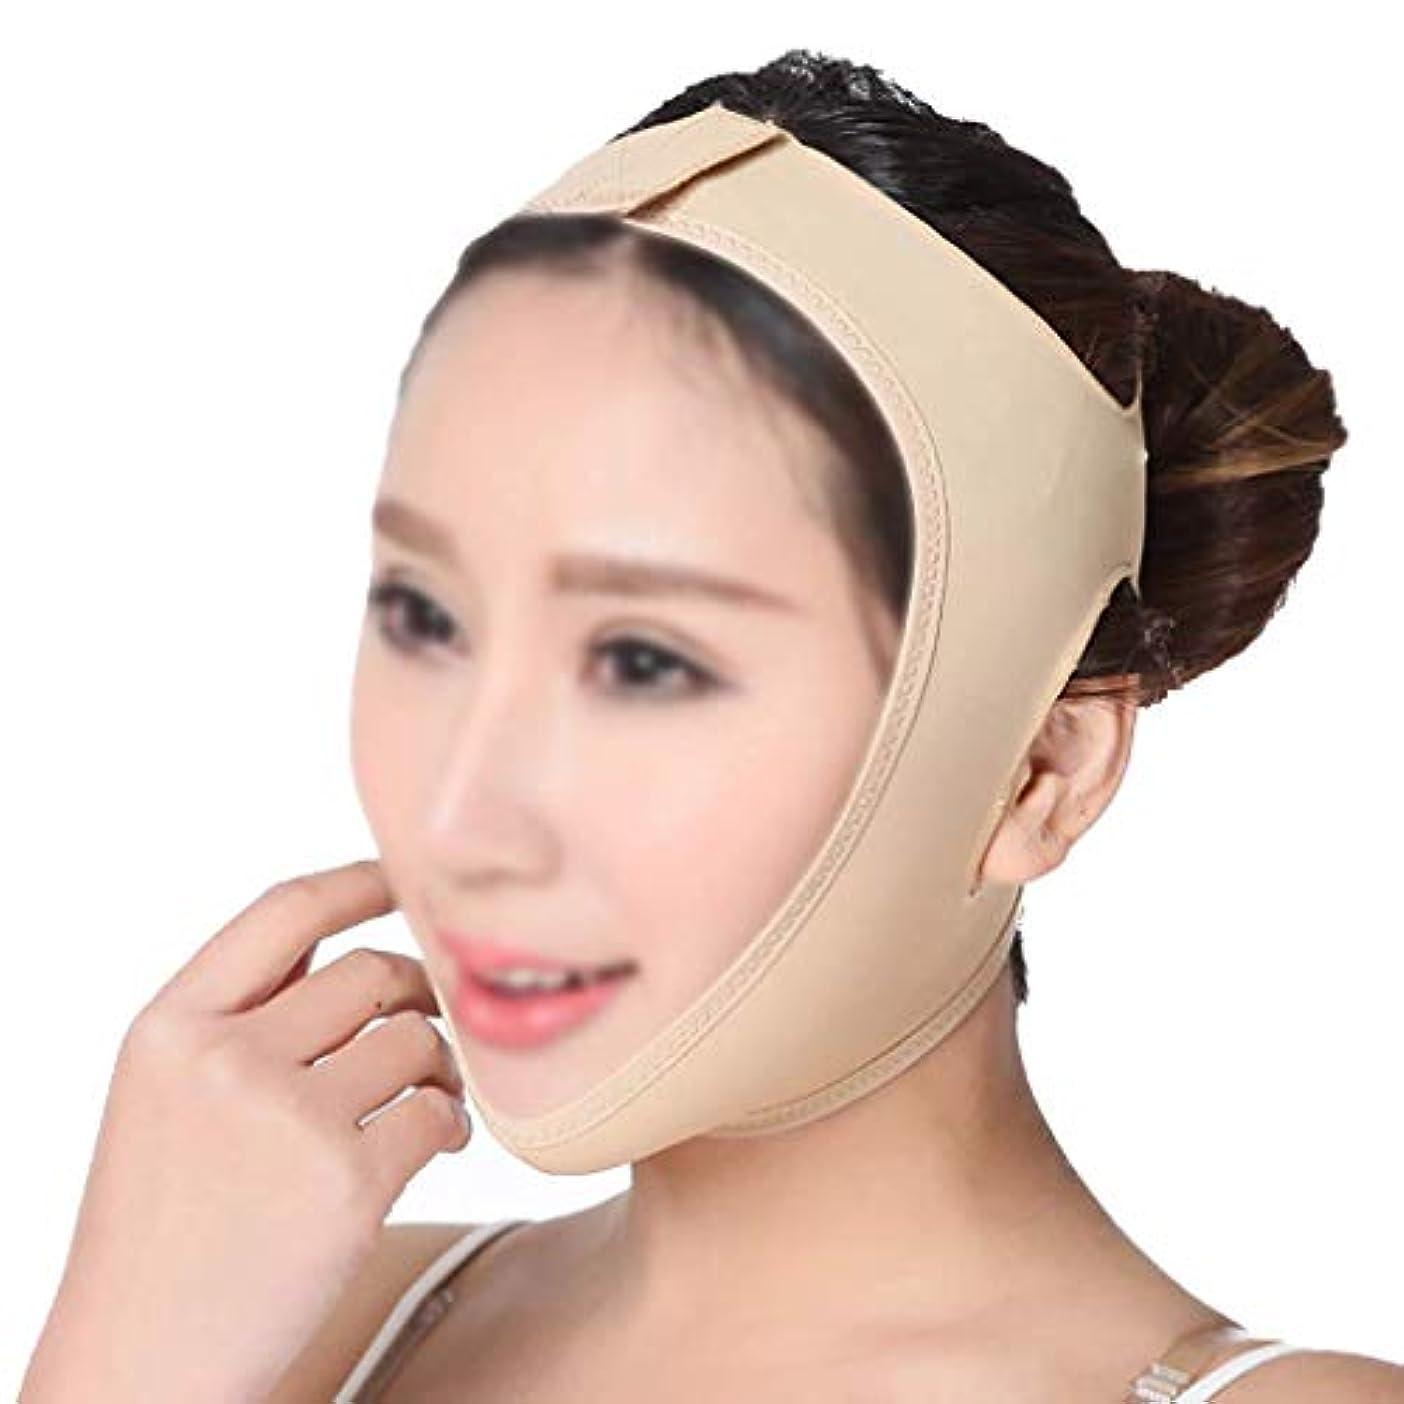 生じる是正する軍フェイスリフティングマスク、リフティングチン、フェイシャルスキン、頬垂れ防止、快適で 生地、詰まることを拒否、着用が簡単(サイズ:M),ザ?